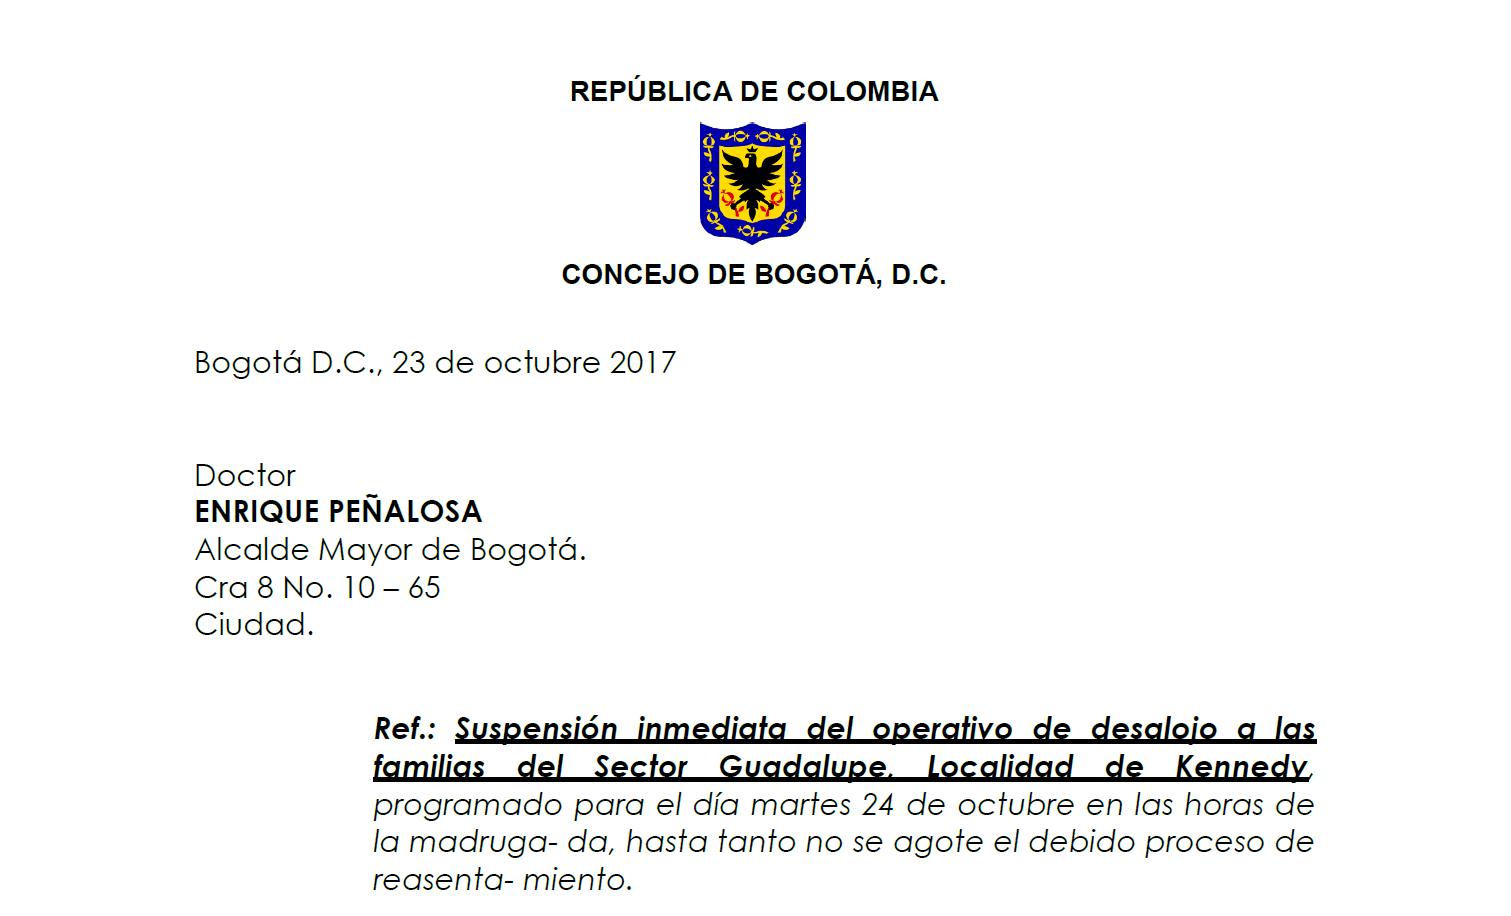 Suspensión inmediata del operativo de desalojo a las familias del Sector Guadalupe, Localidad de Kennedy